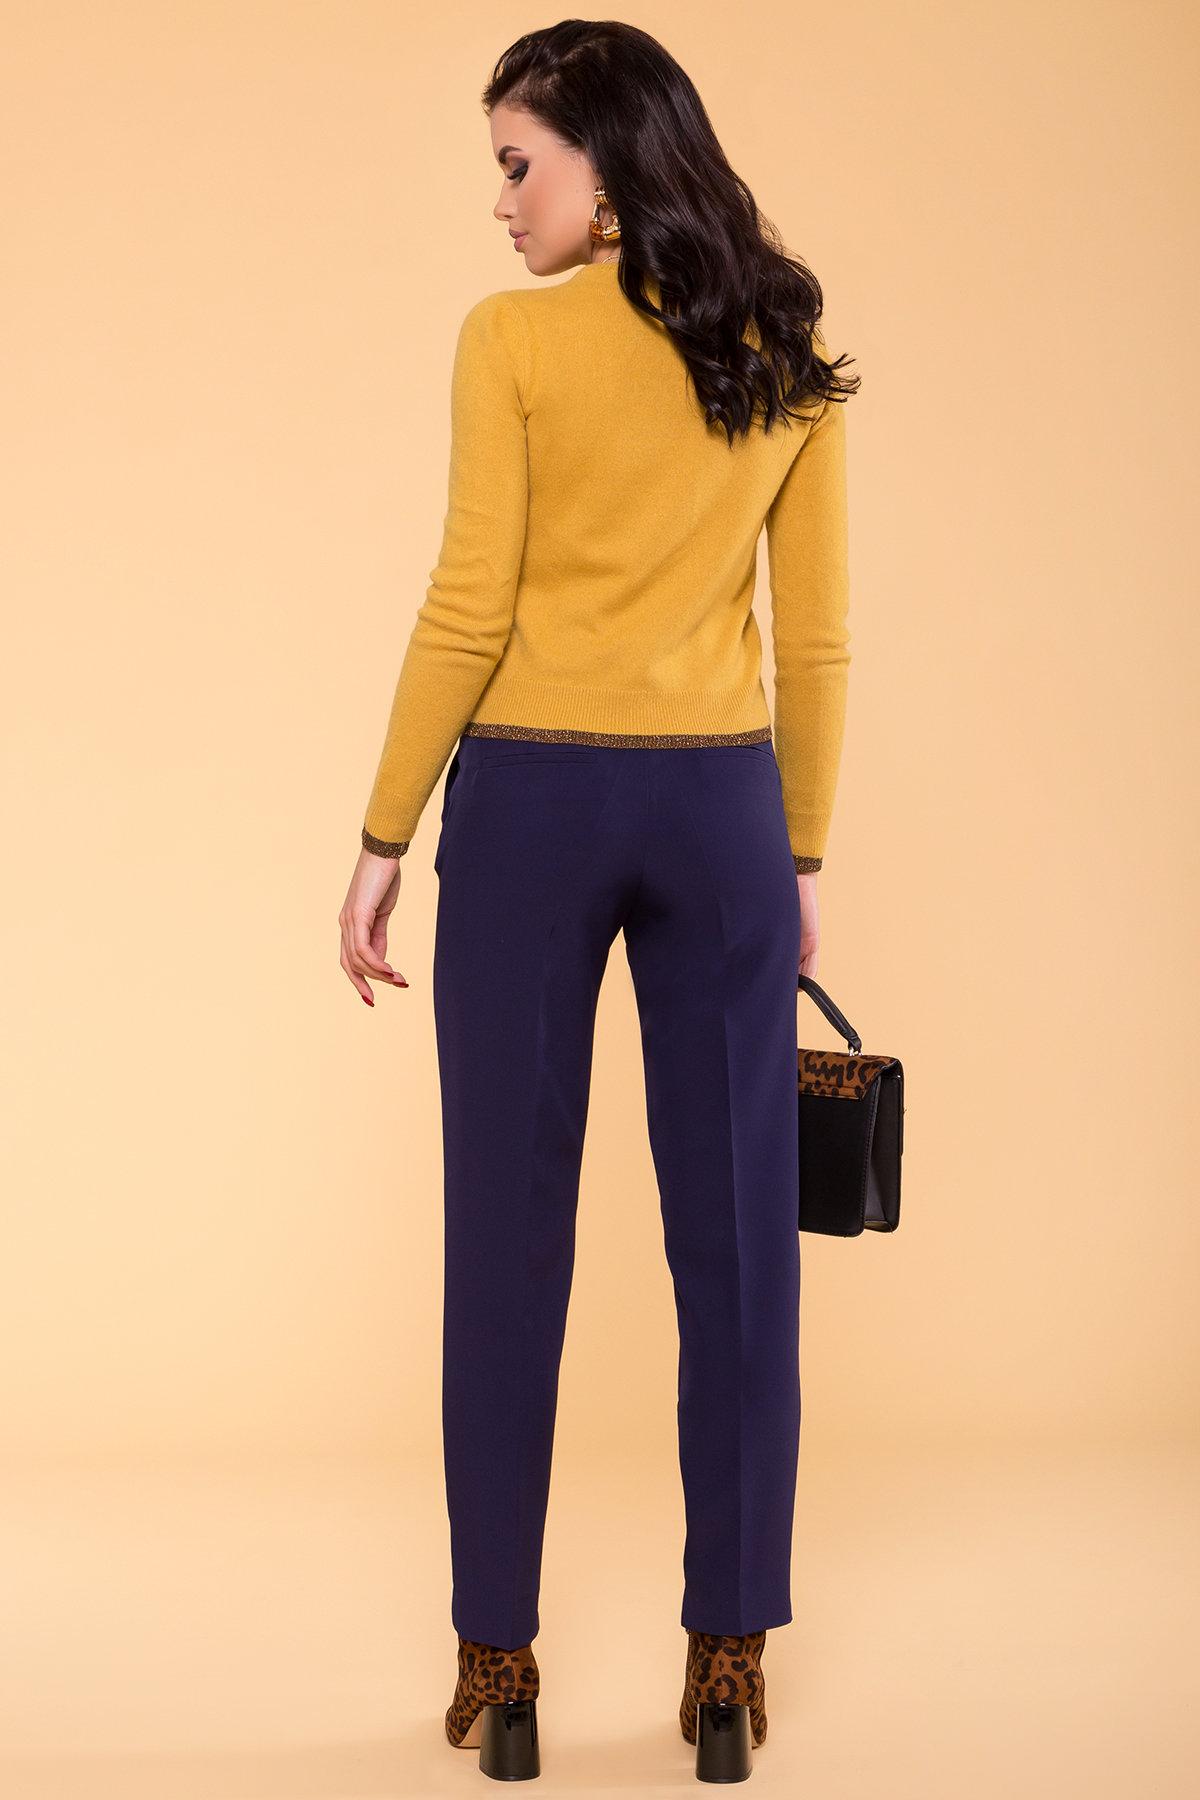 Базовые брюки со стрелками Эдвин 2467 АРТ. 15260 Цвет: Тёмно-синий - фото 4, интернет магазин tm-modus.ru